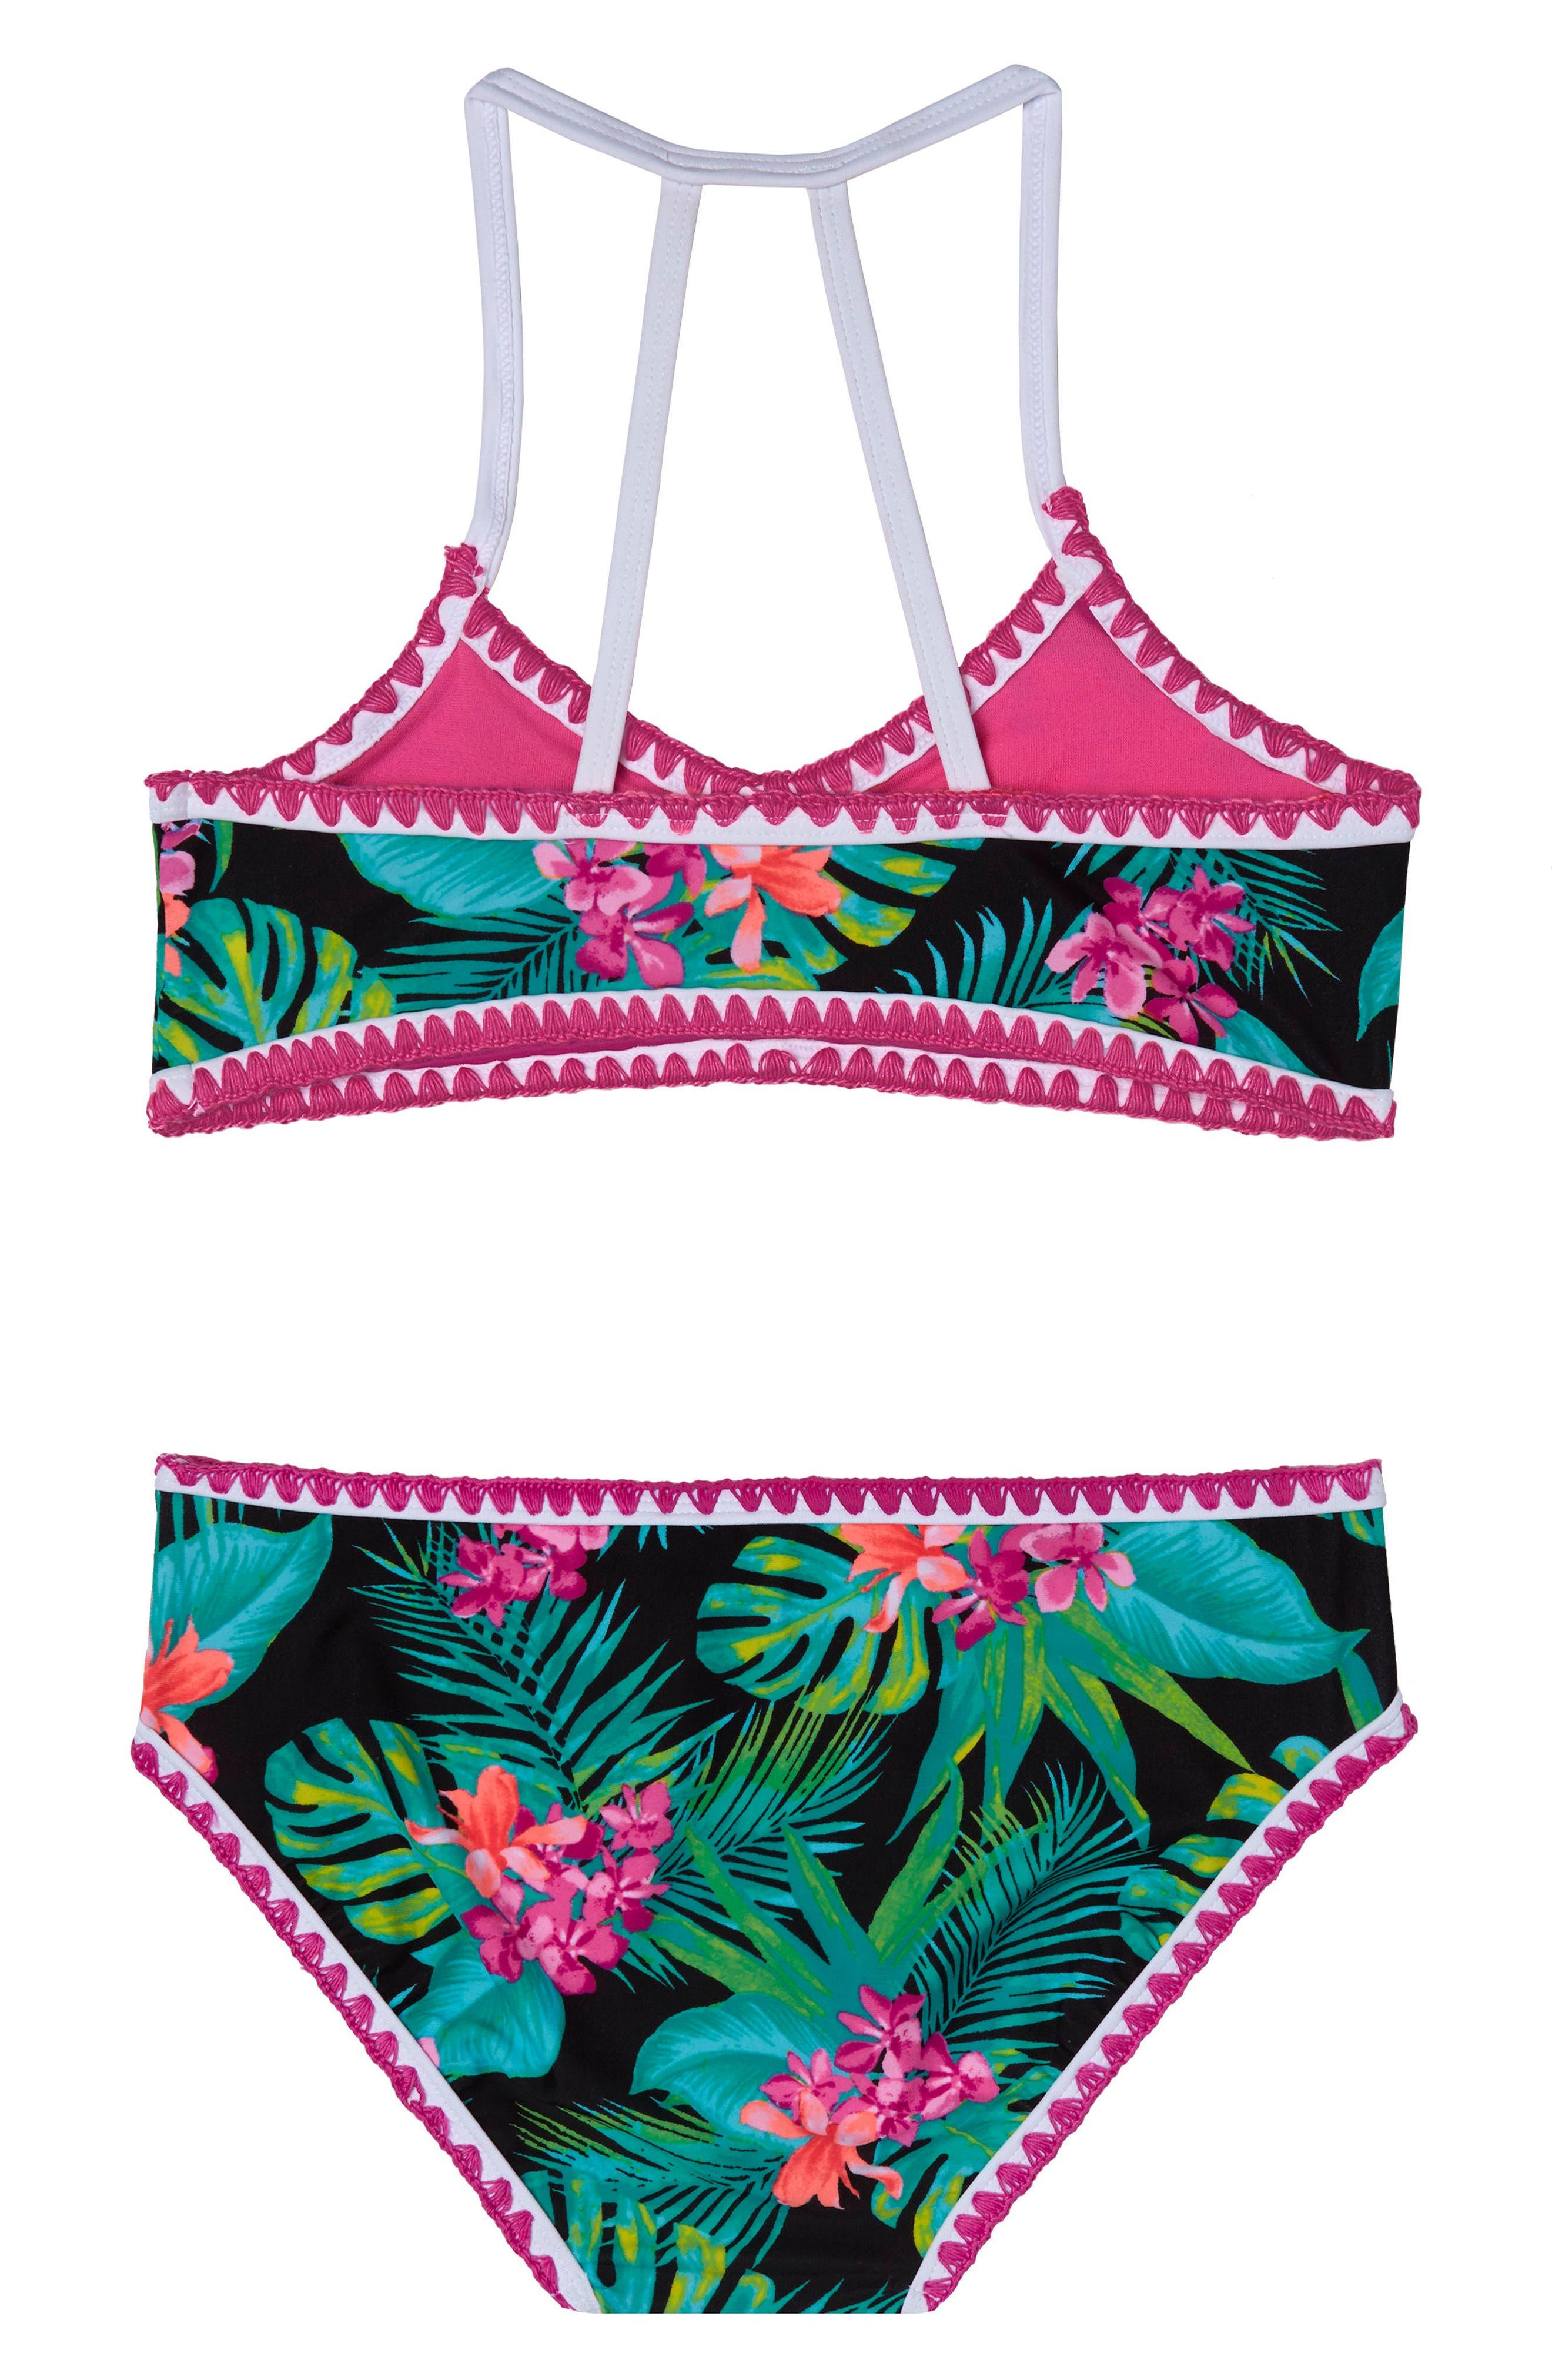 Tropical Escape Two-Piece Swimsuit,                             Alternate thumbnail 2, color,                             BLACK